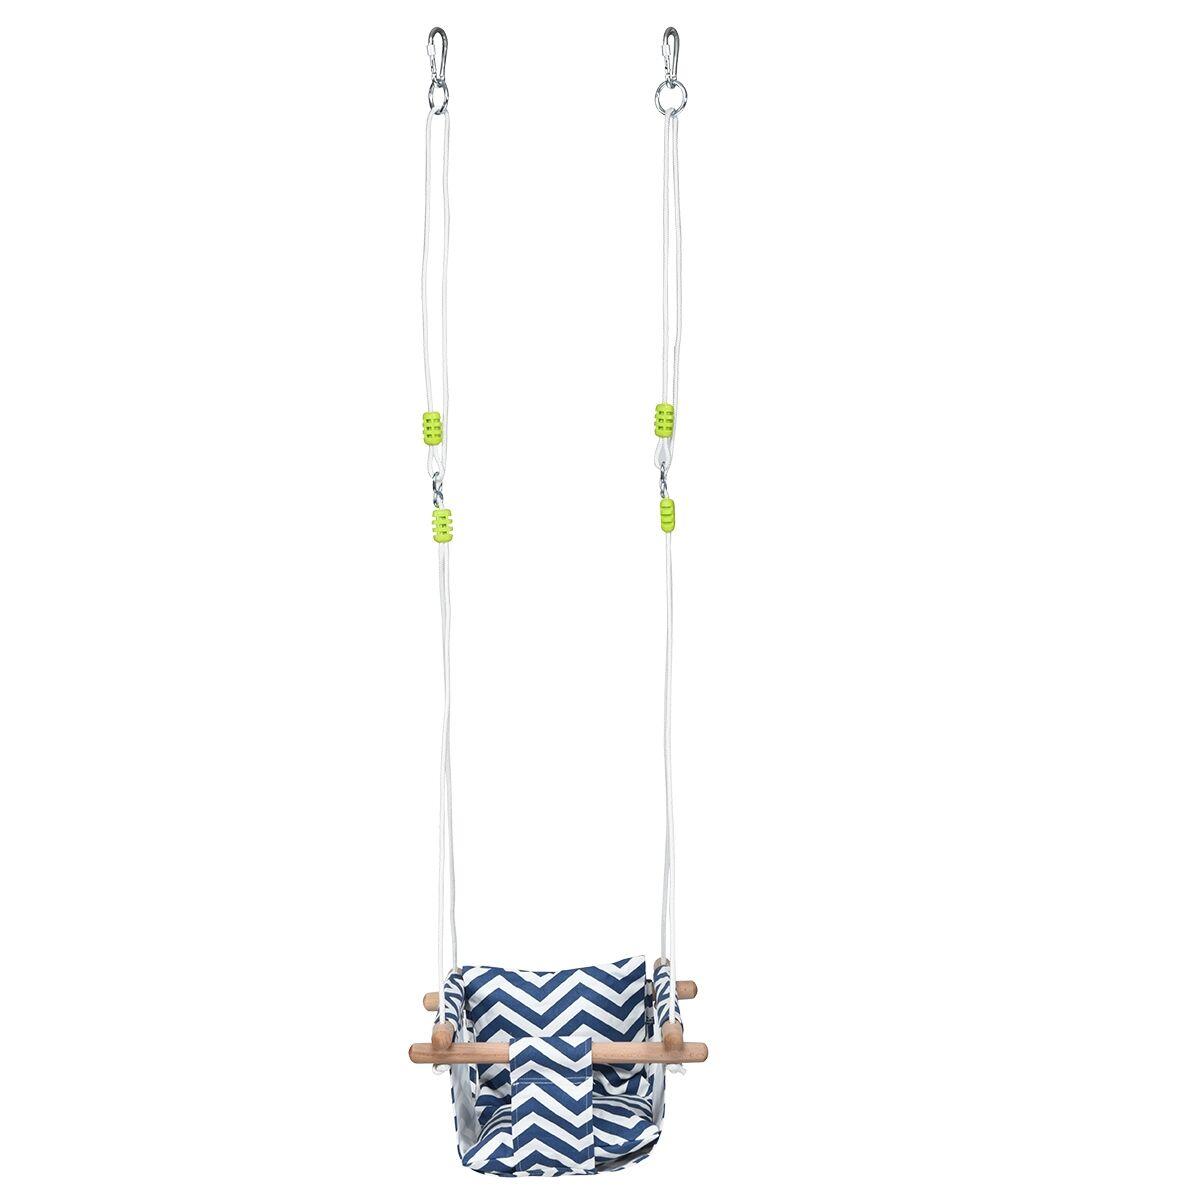 Costway Chaise Hamac Suspendu en Toile pour Bébé 6-36 Mois avec 2 Coussins Charge 60KG Corde Réglable Bleu+Blanc